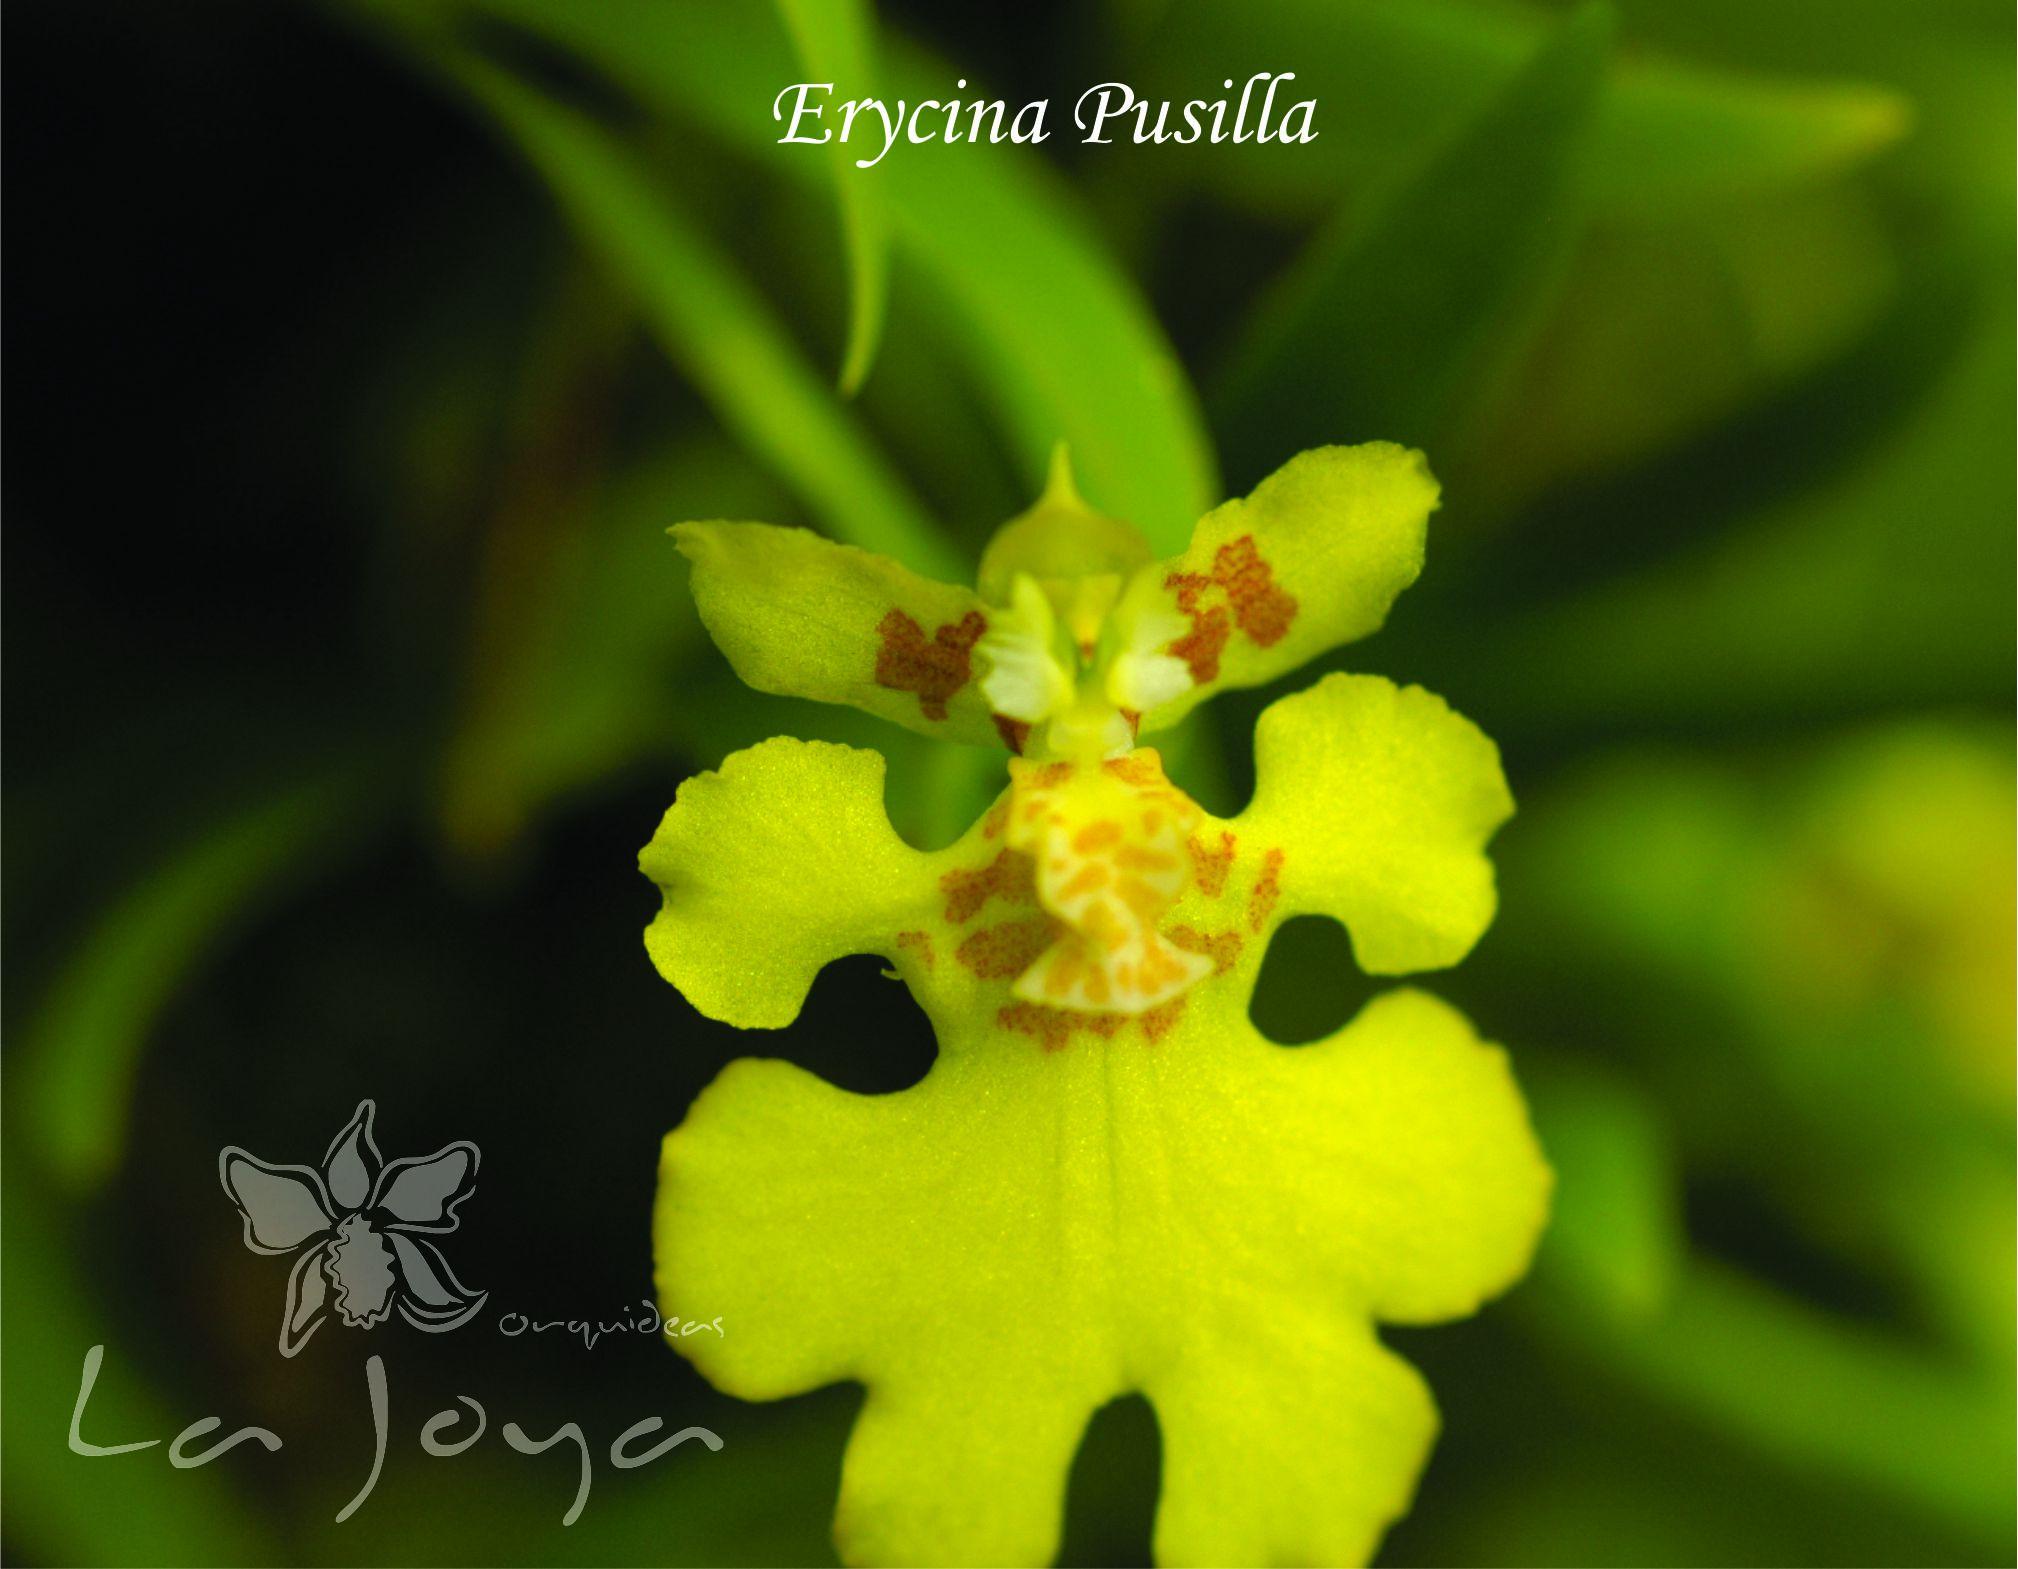 Erycina Pussilla